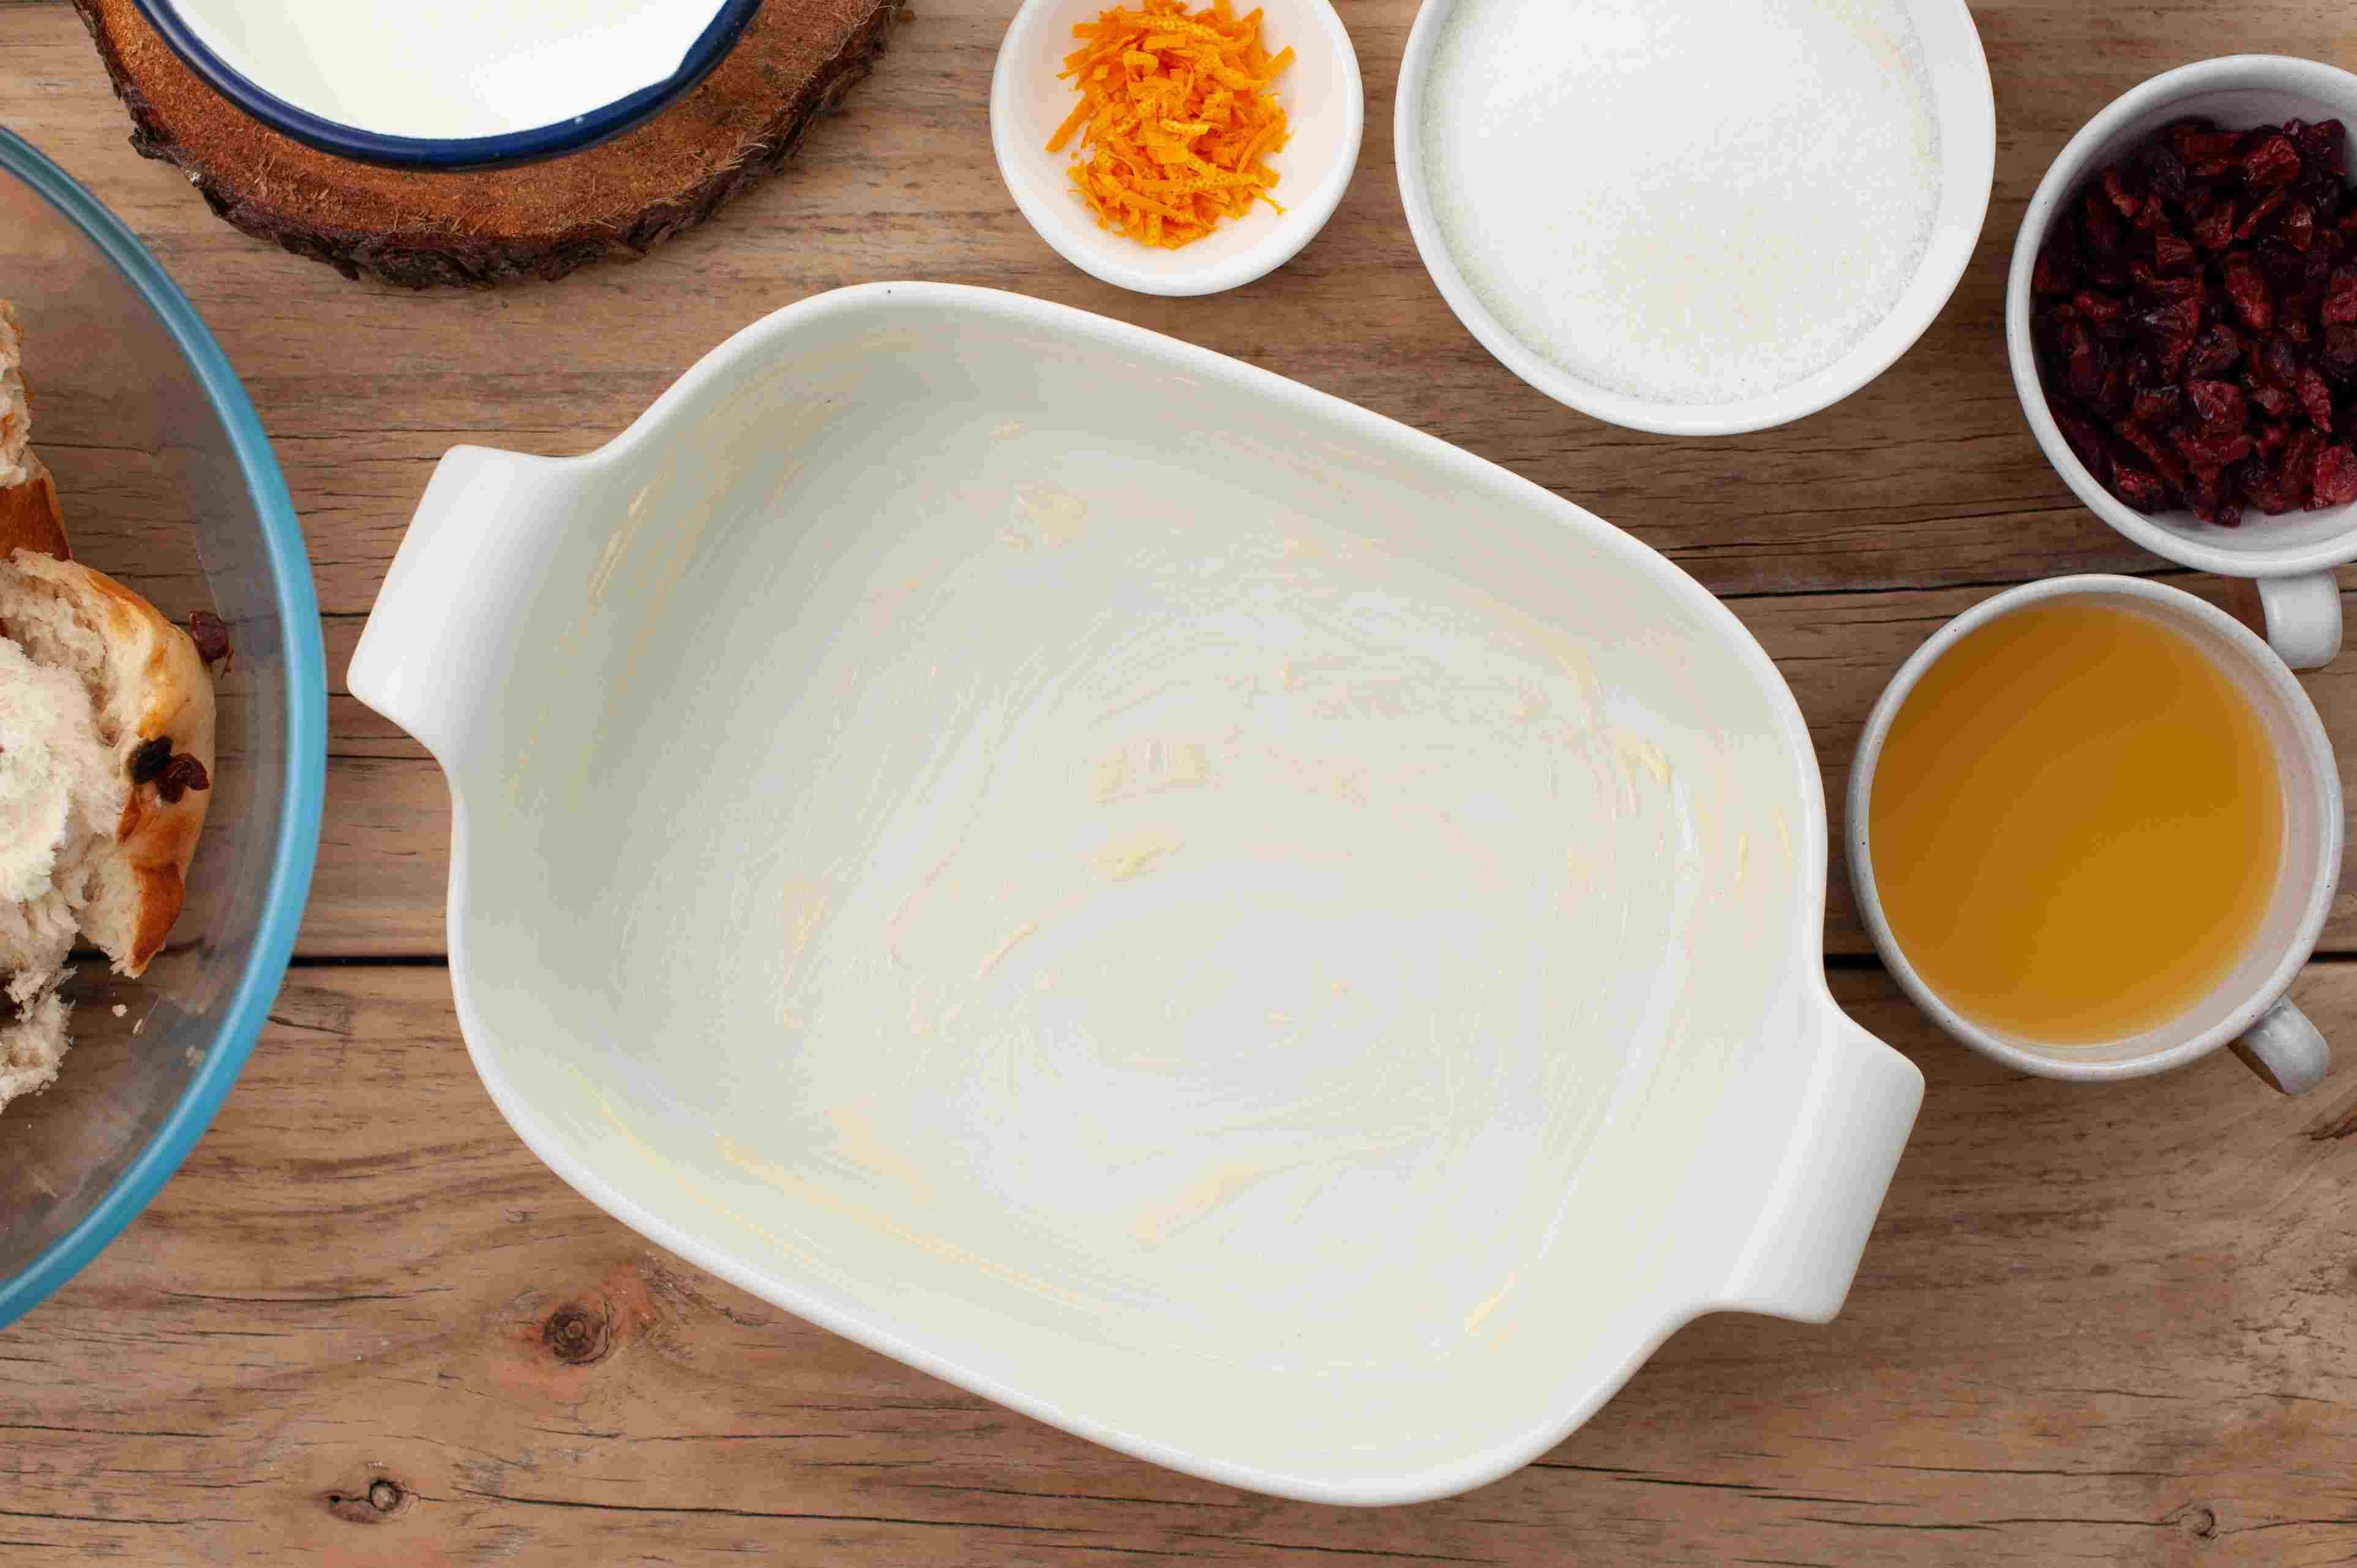 Butter a pan